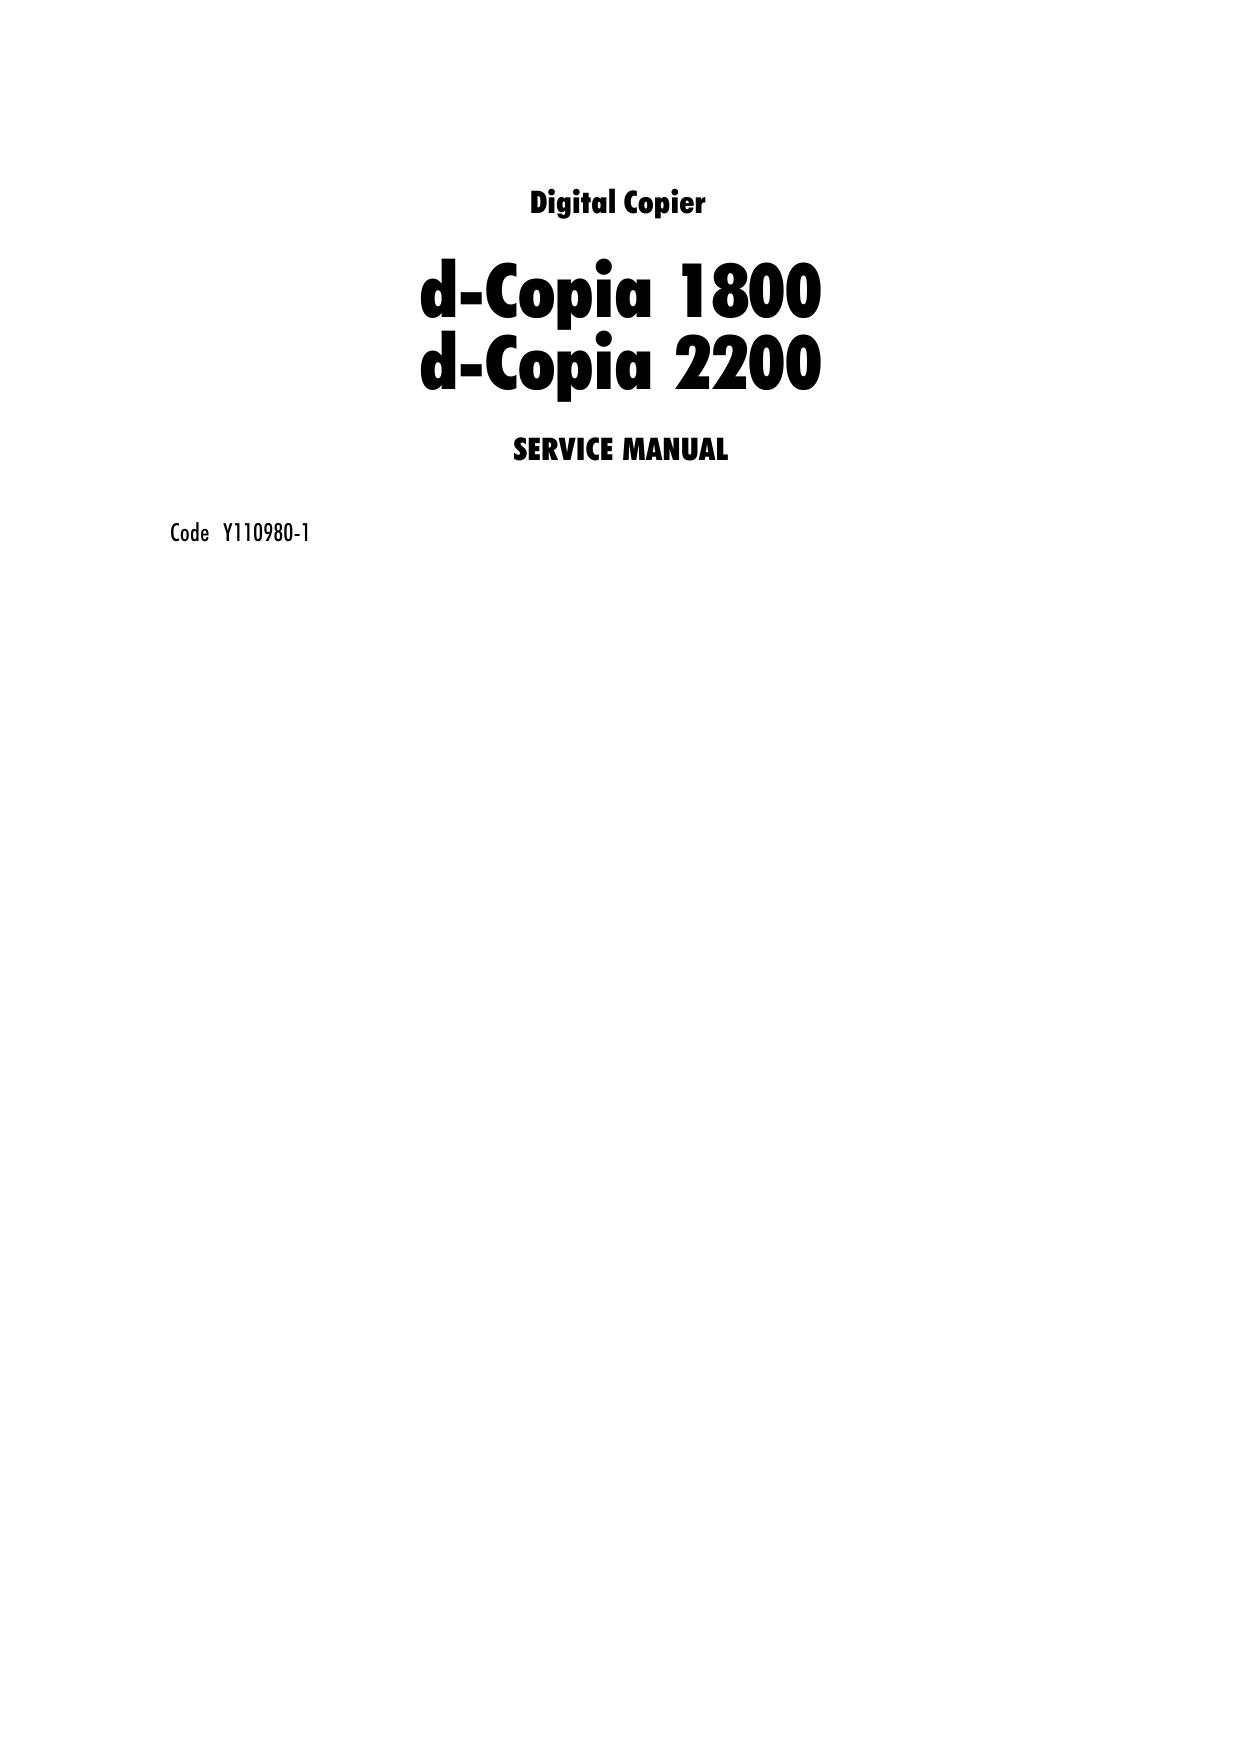 Altezza Posizionamento Split d-copia 1800 d-copia 2200   manualzz